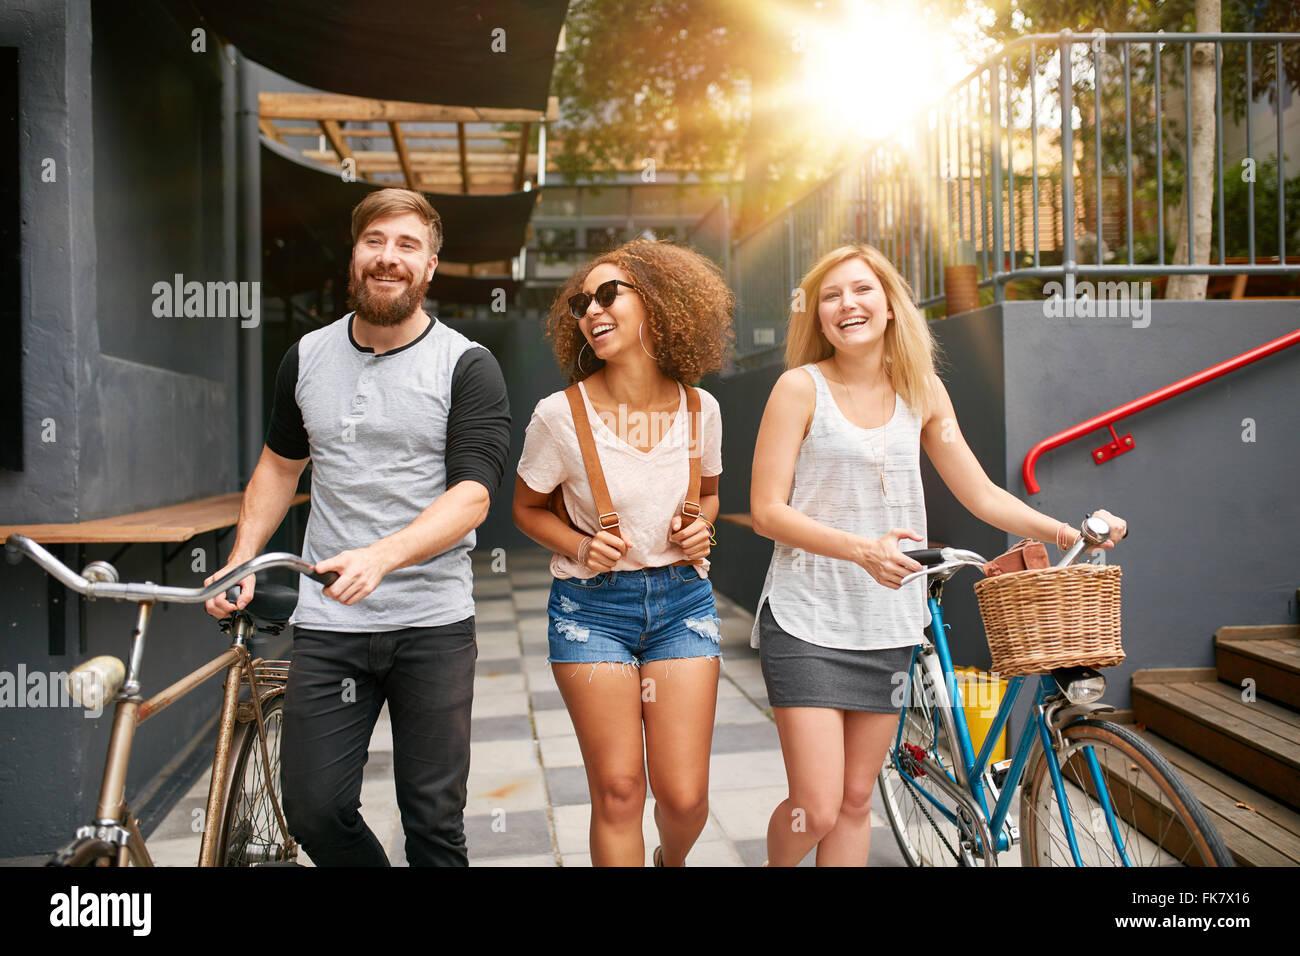 Tre giovani adulti camminare insieme avendo divertimento. I giovani con le biciclette passeggiate all'aperto Immagini Stock